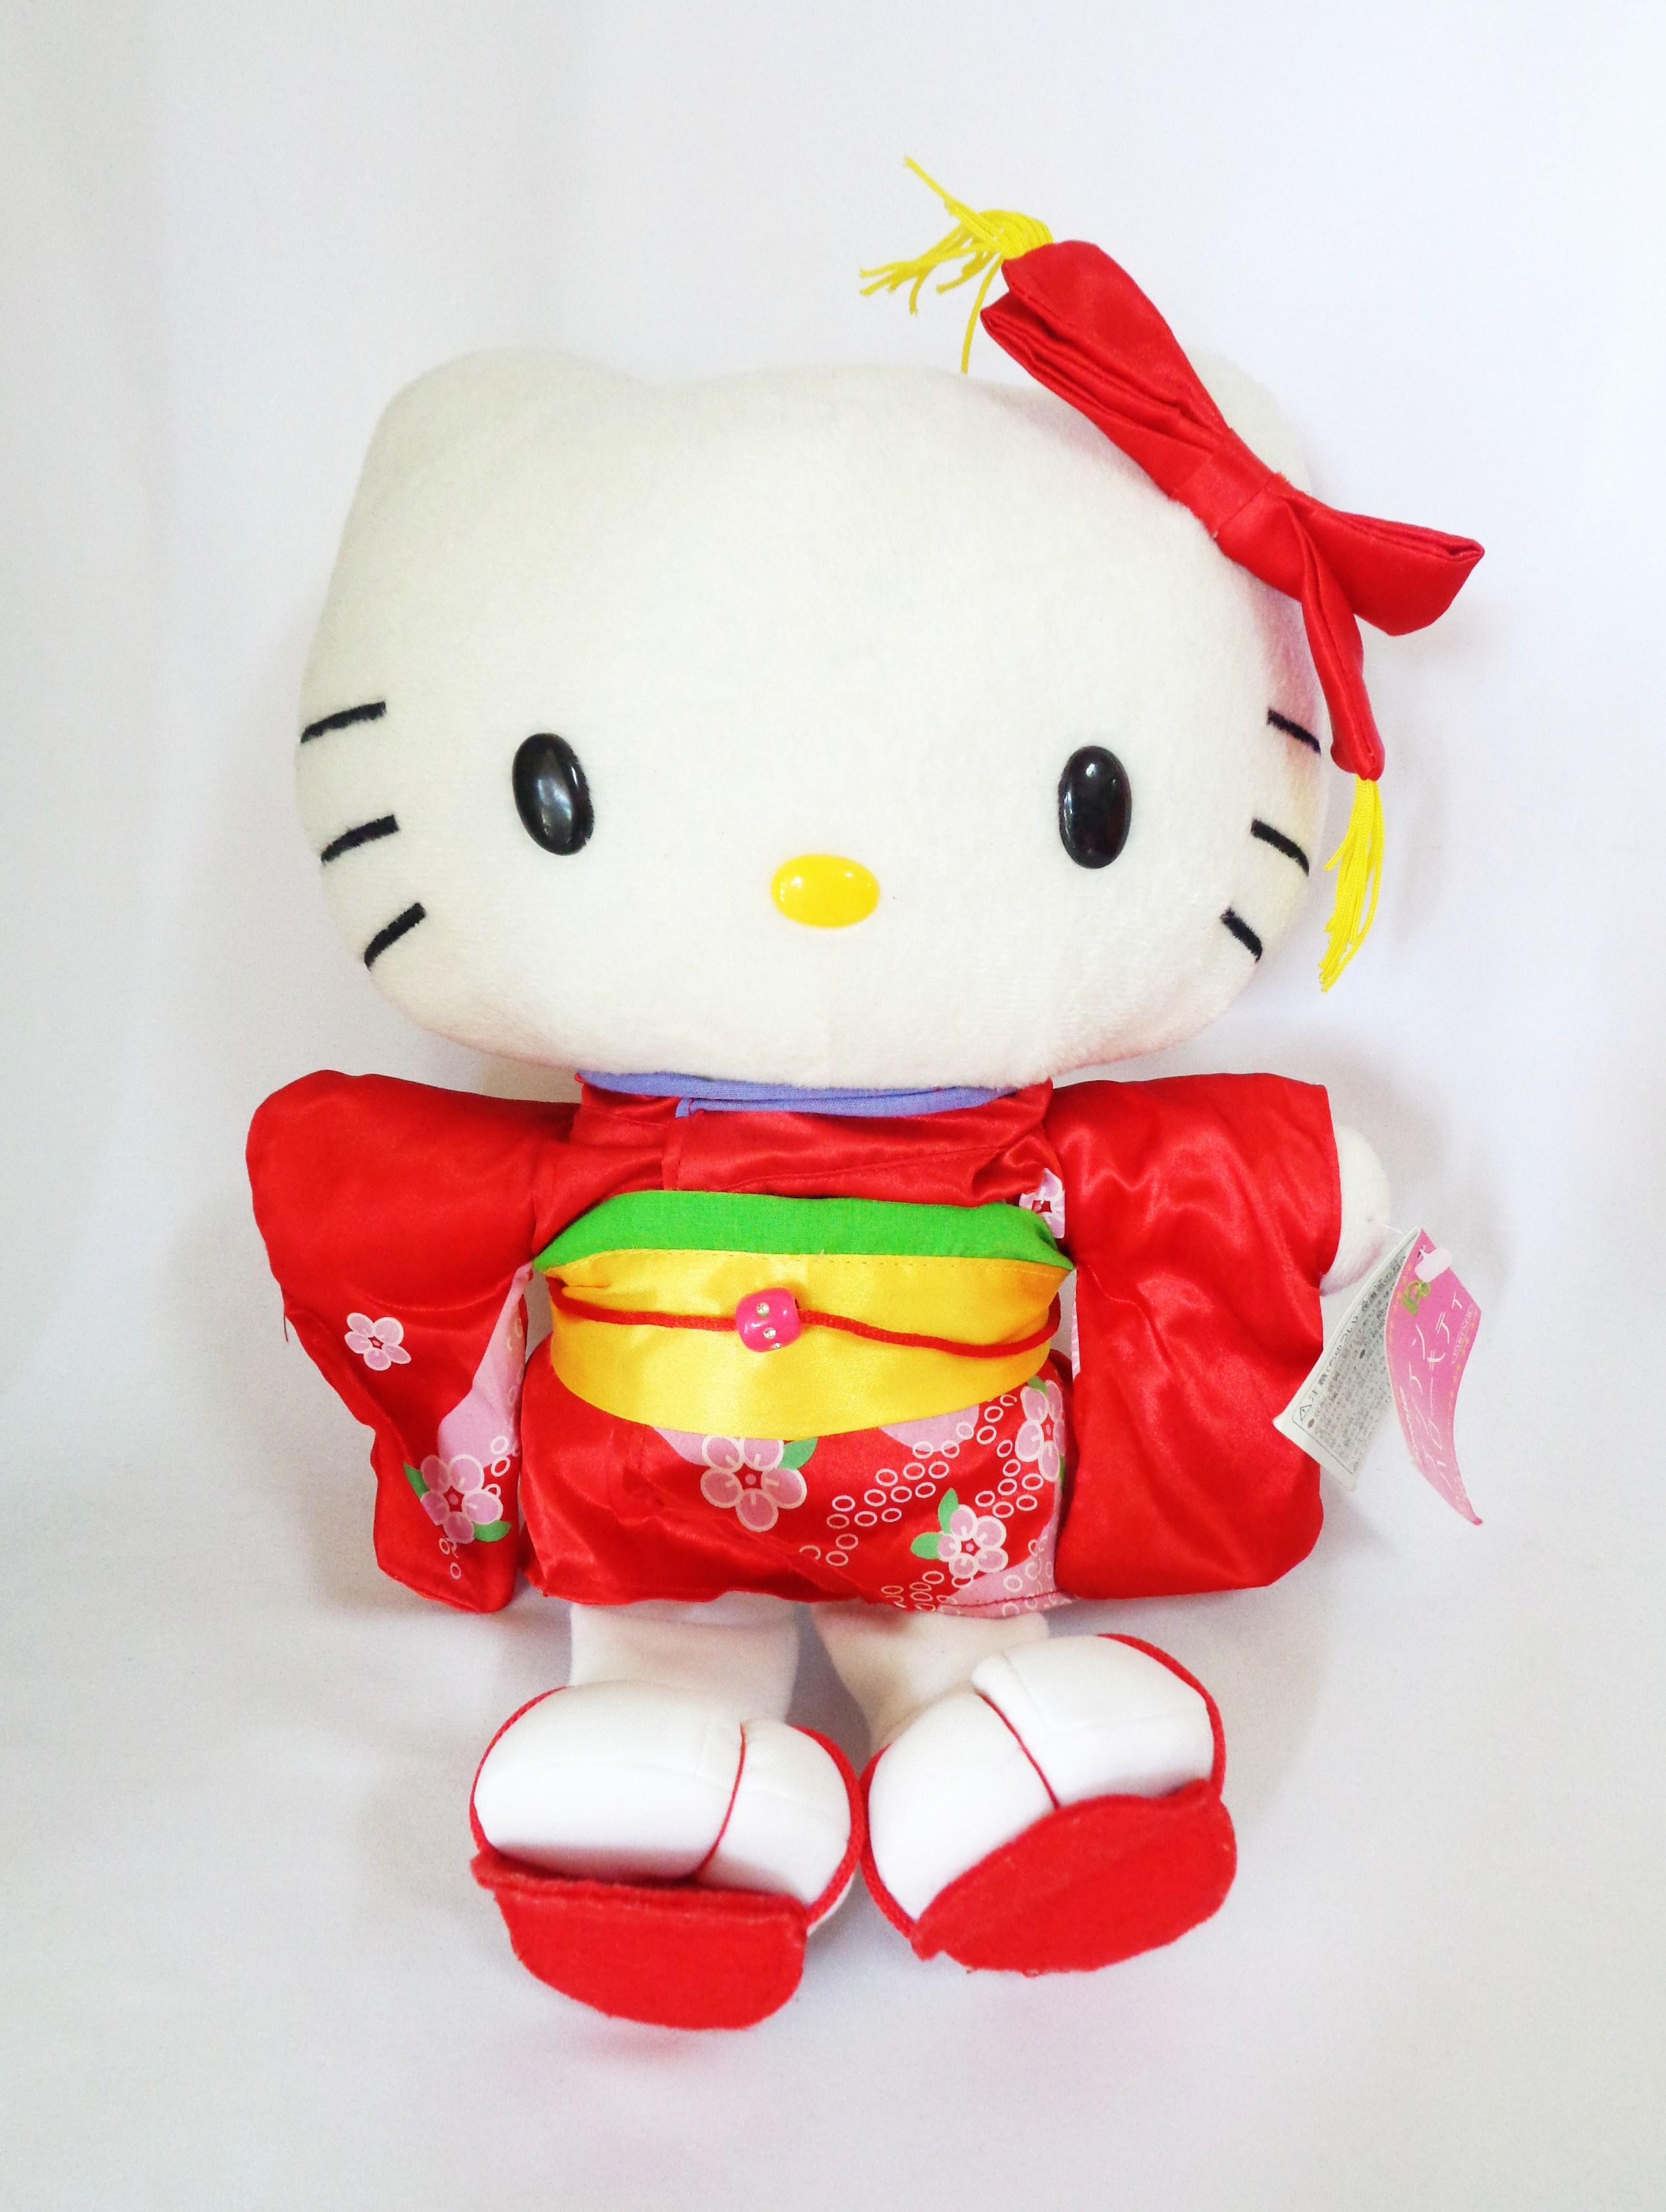 ตุ๊กตา Hello Kitty ชุดกิโมโน ของ Sanrio